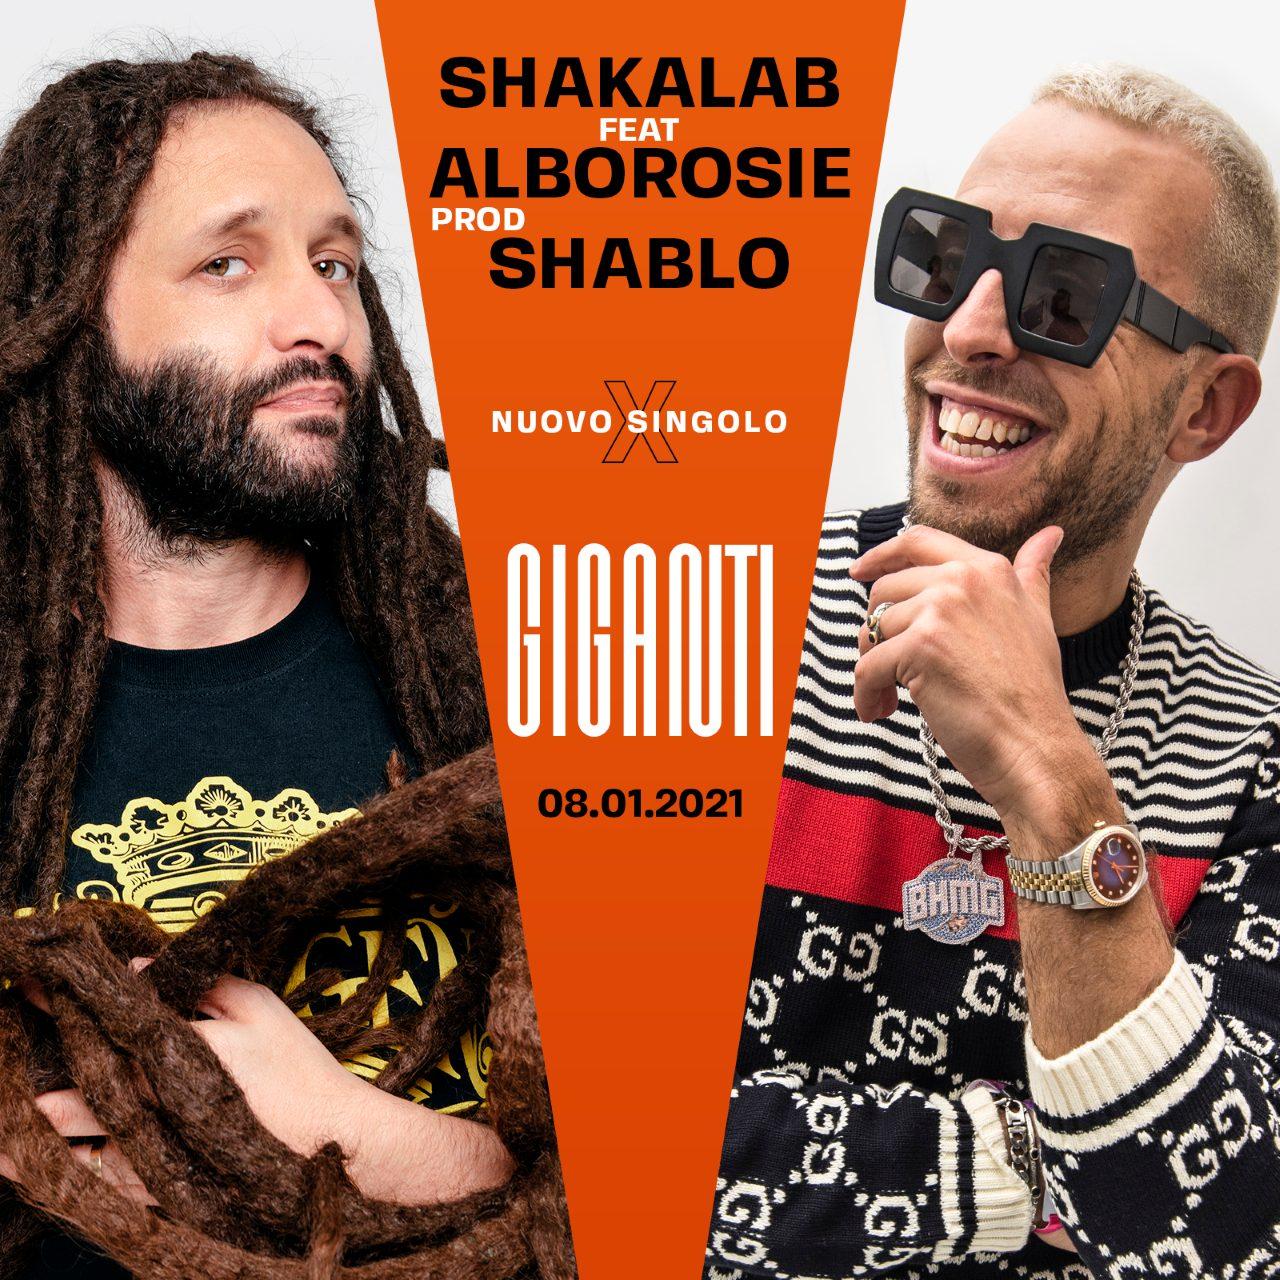 Shakalab e Alborosie nuovo singolo